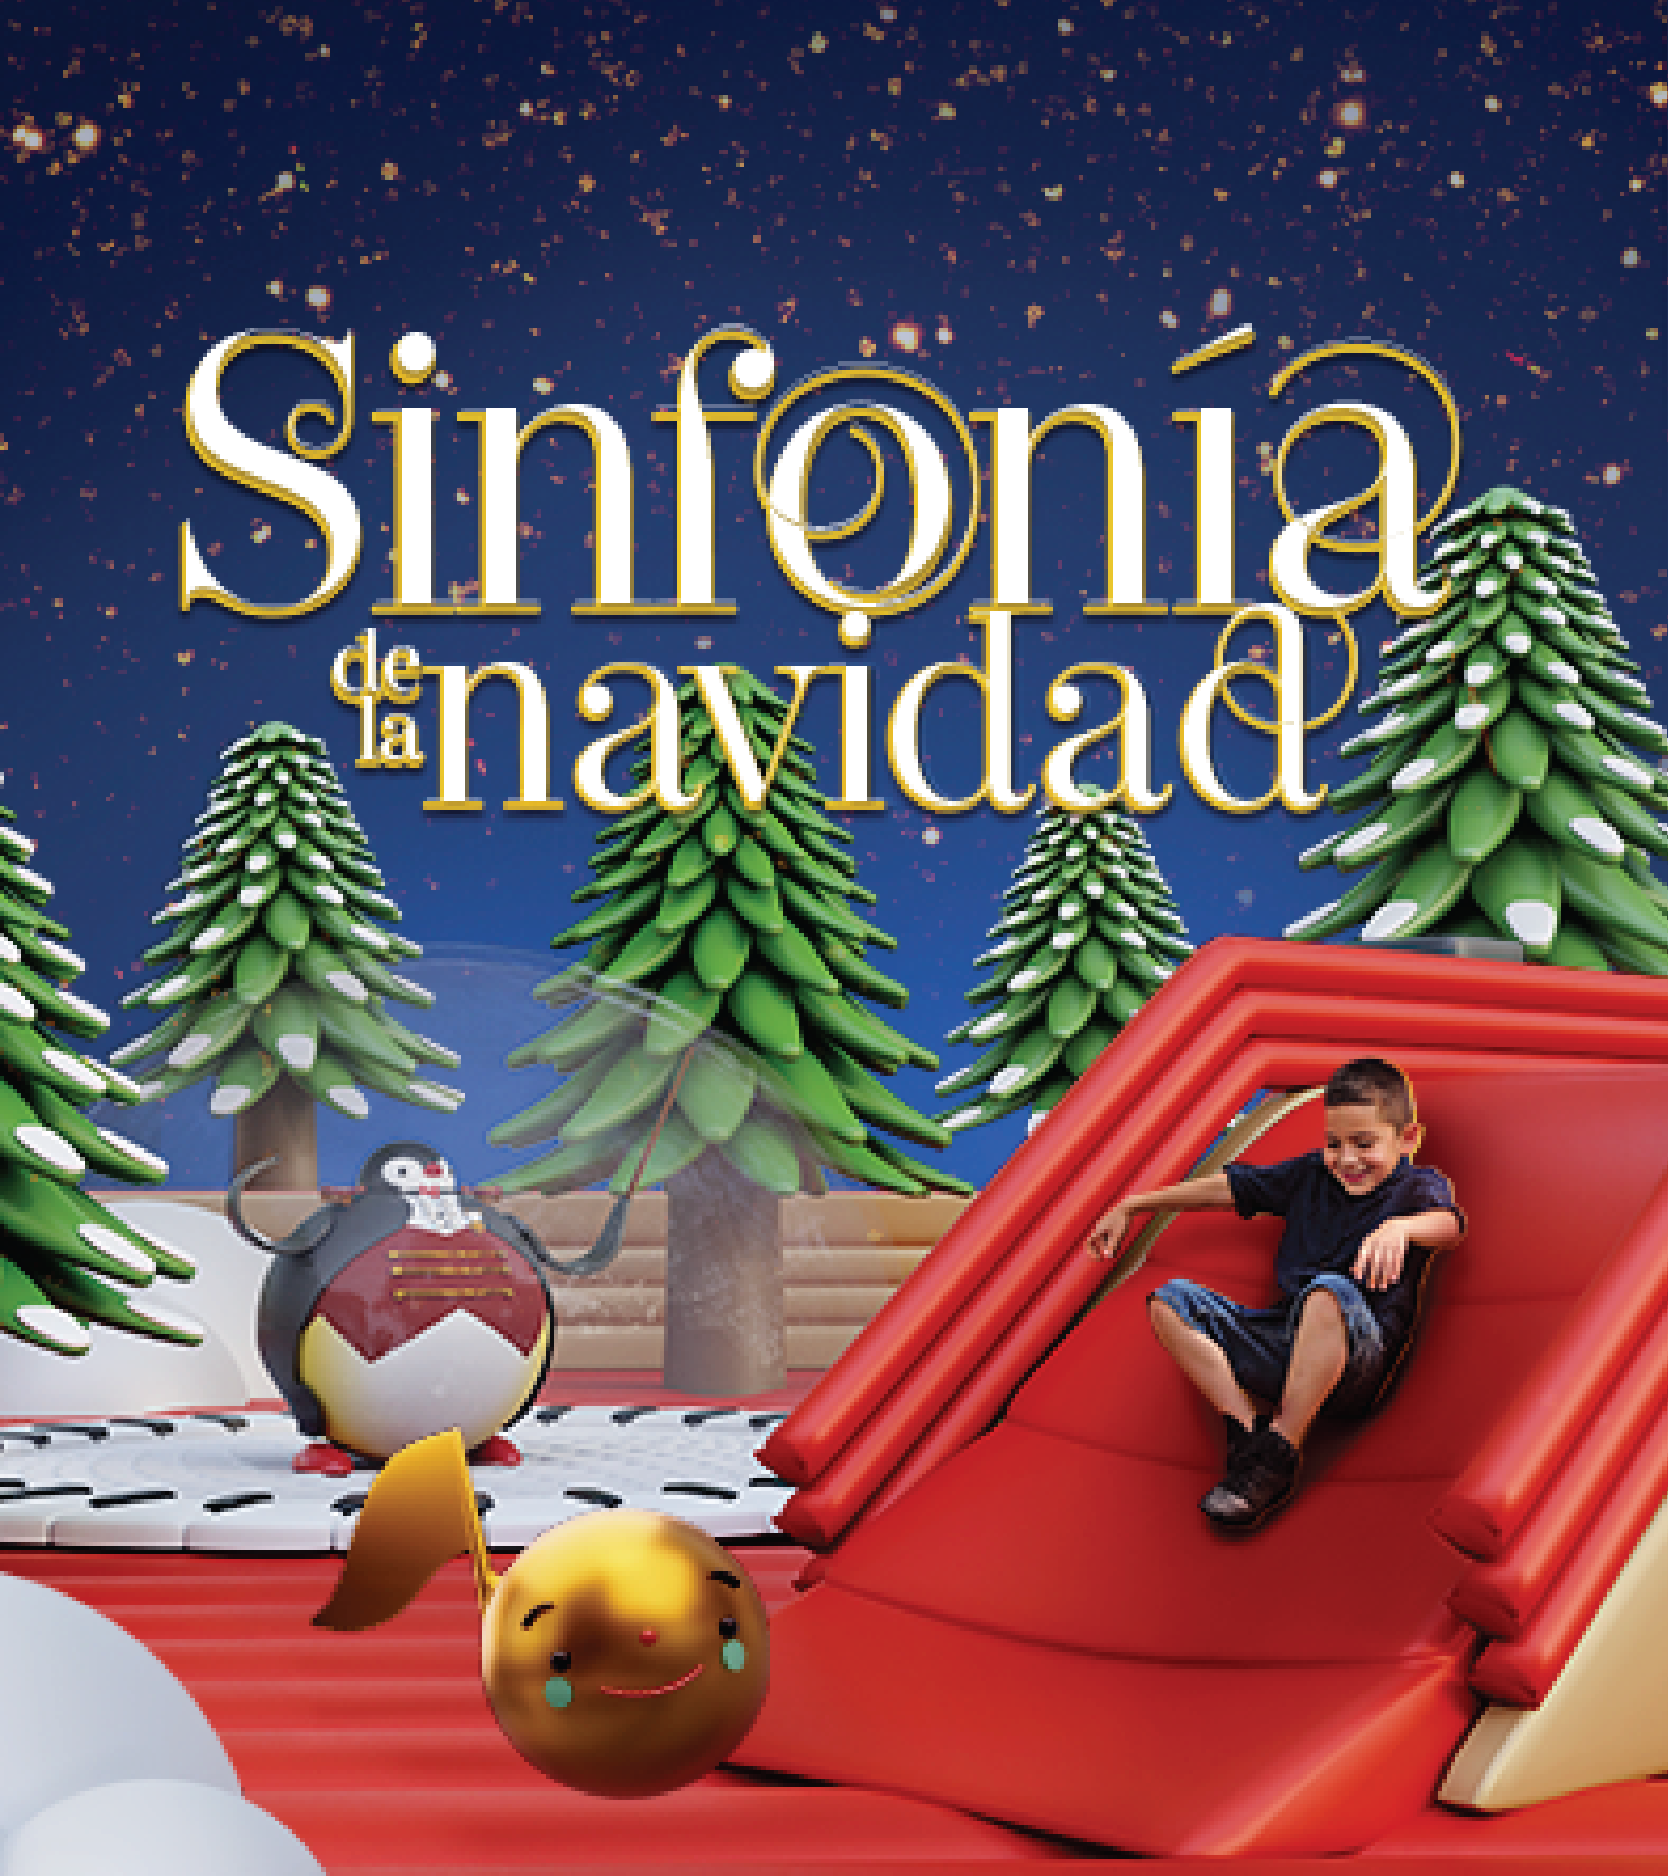 Sinfonía de navidad - Villavicencio